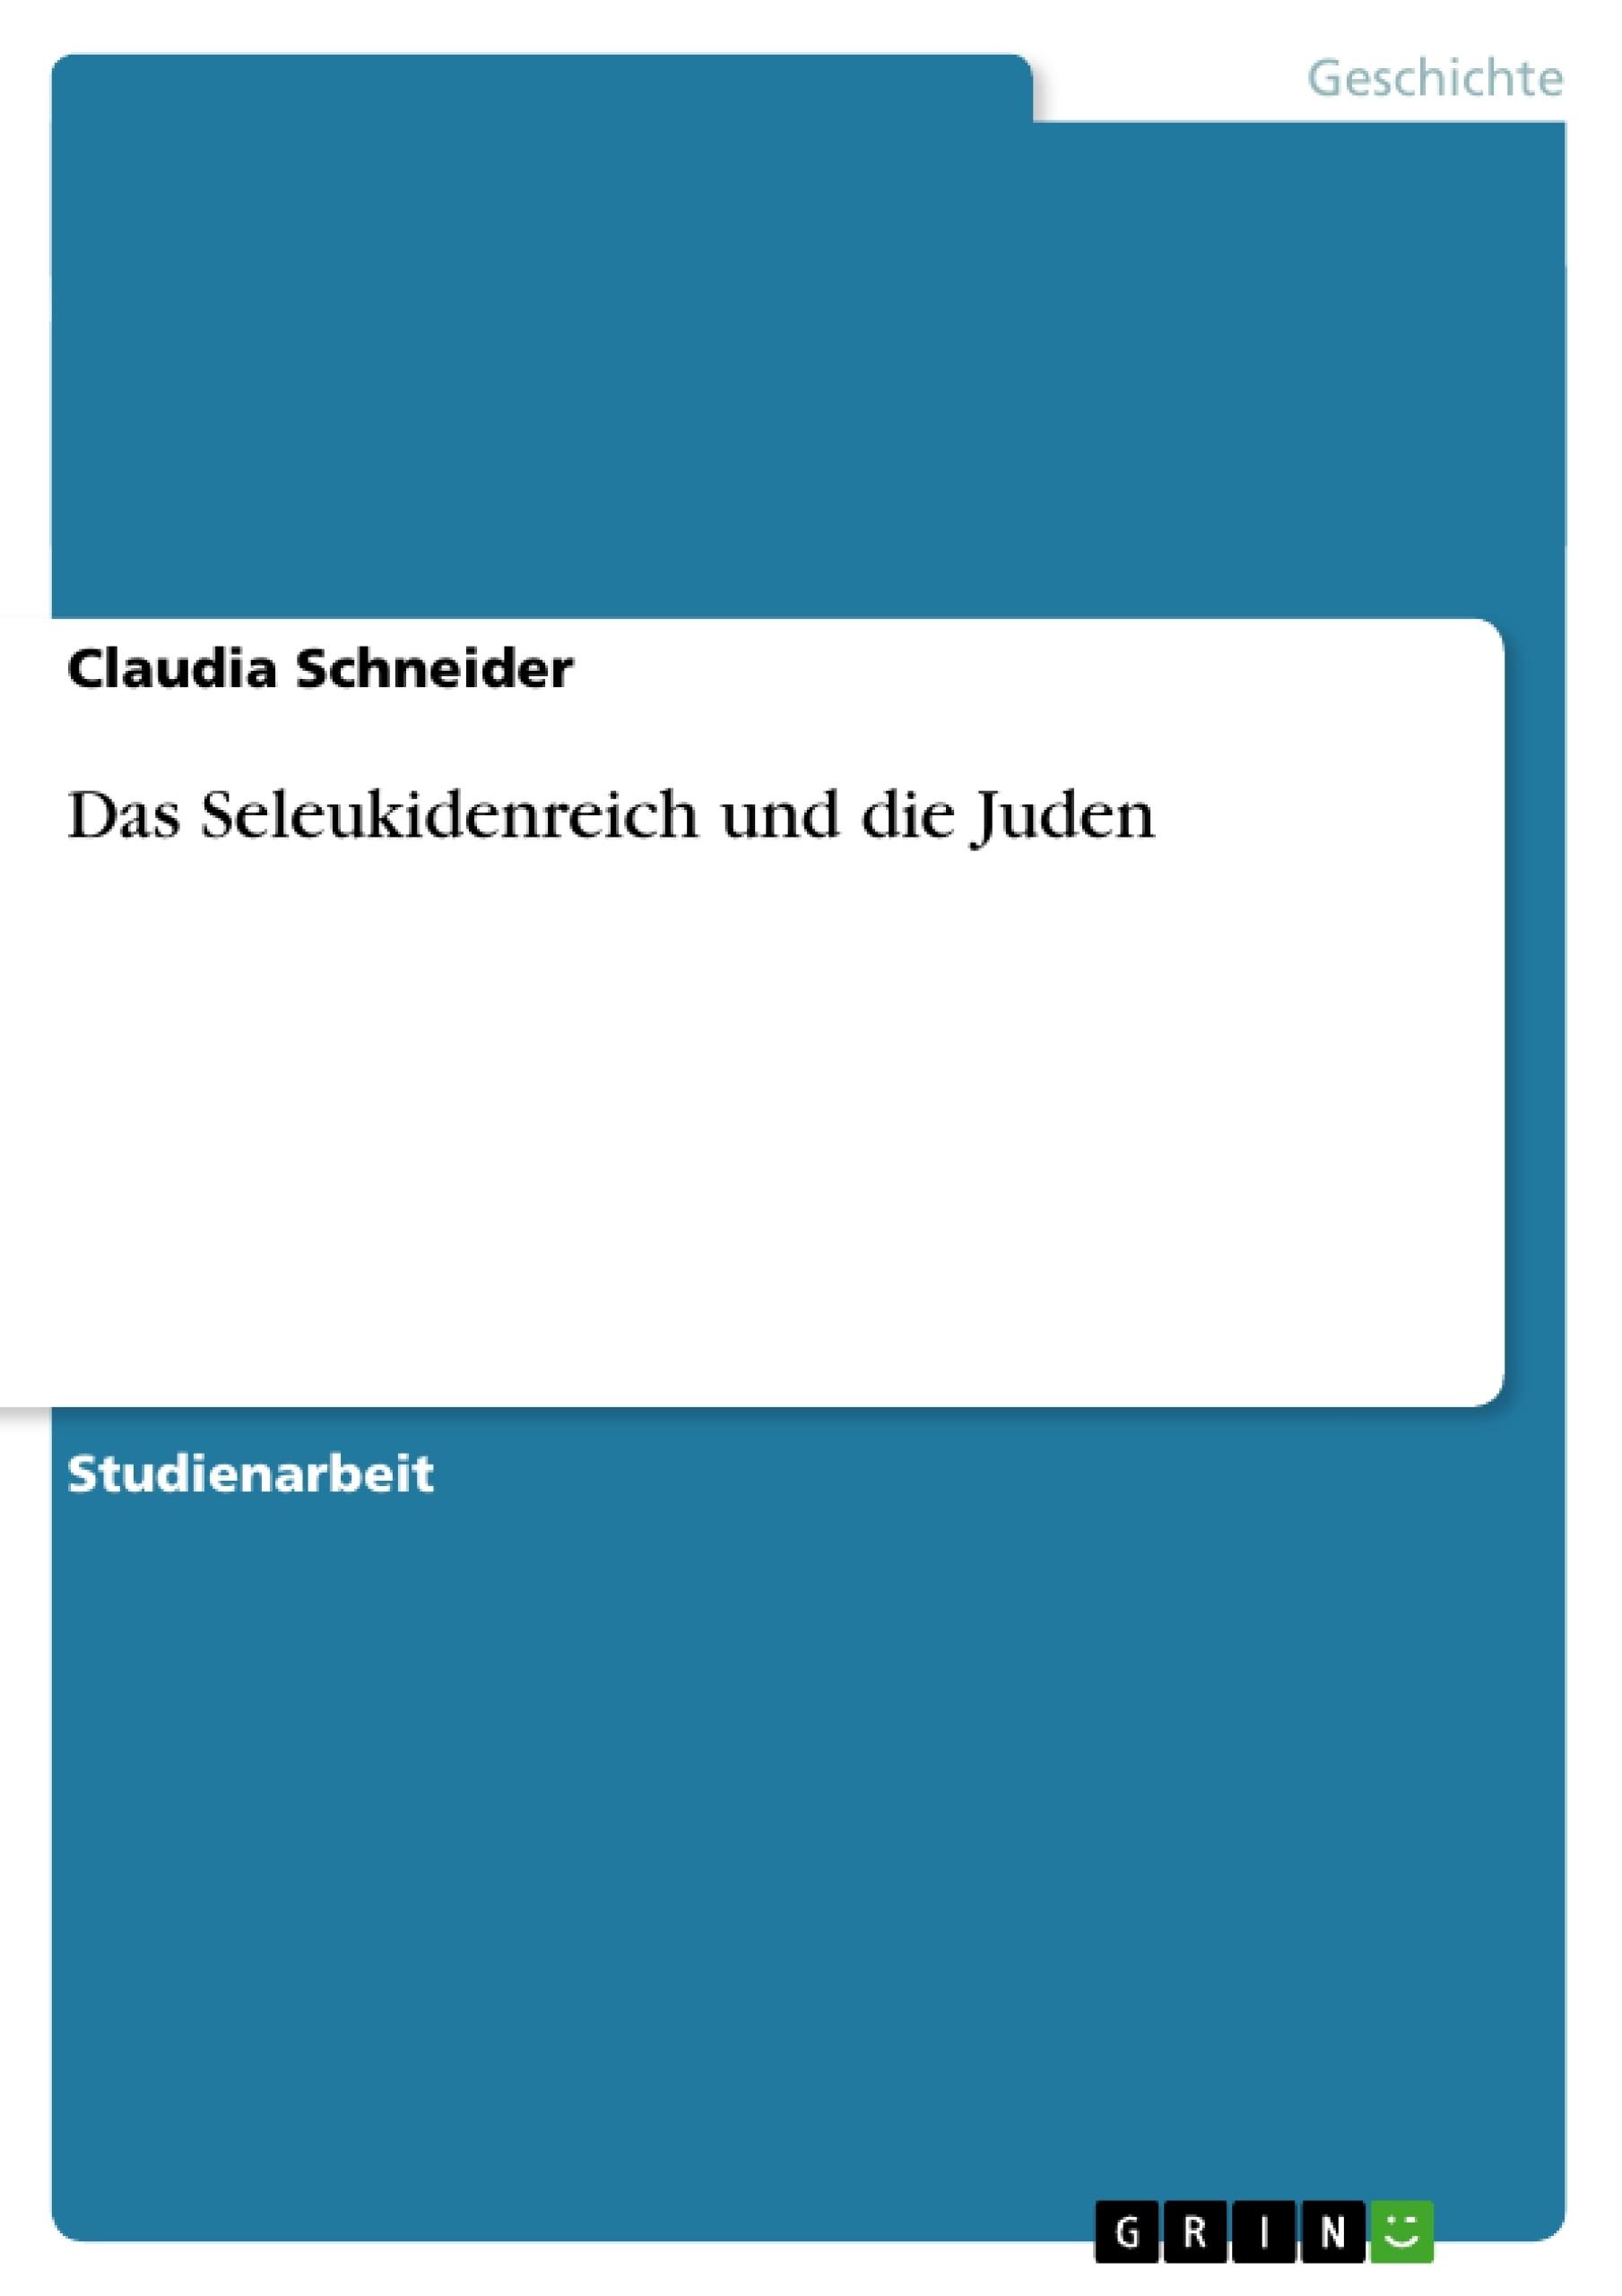 Titel: Das Seleukidenreich und die Juden